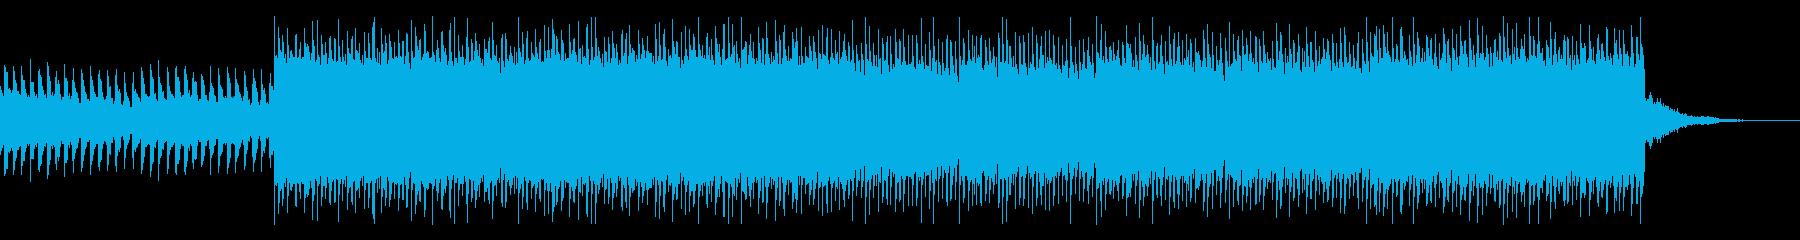 ニュース・報道番組風BGMの再生済みの波形